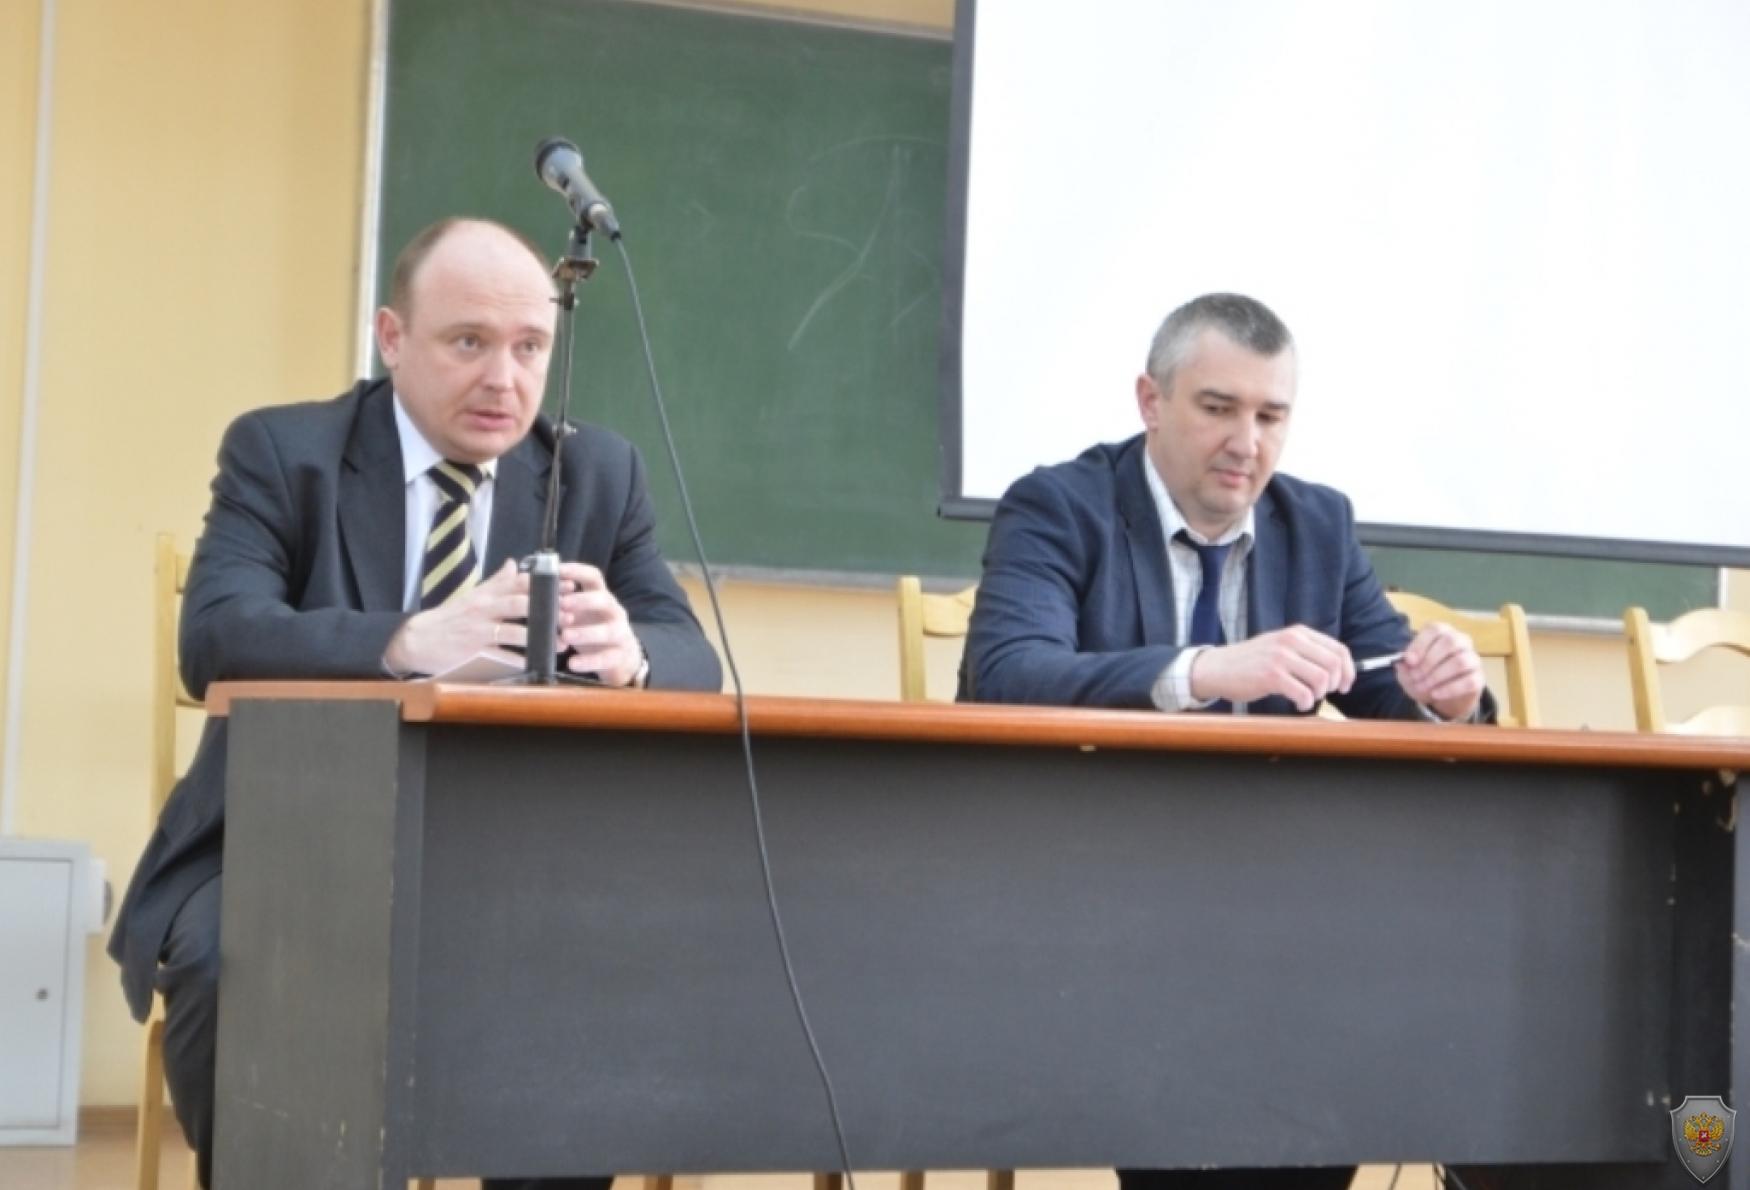 Вступительное слово на мероприятии ответственного секретаря АТК Ивановской области К.С. Селезнева